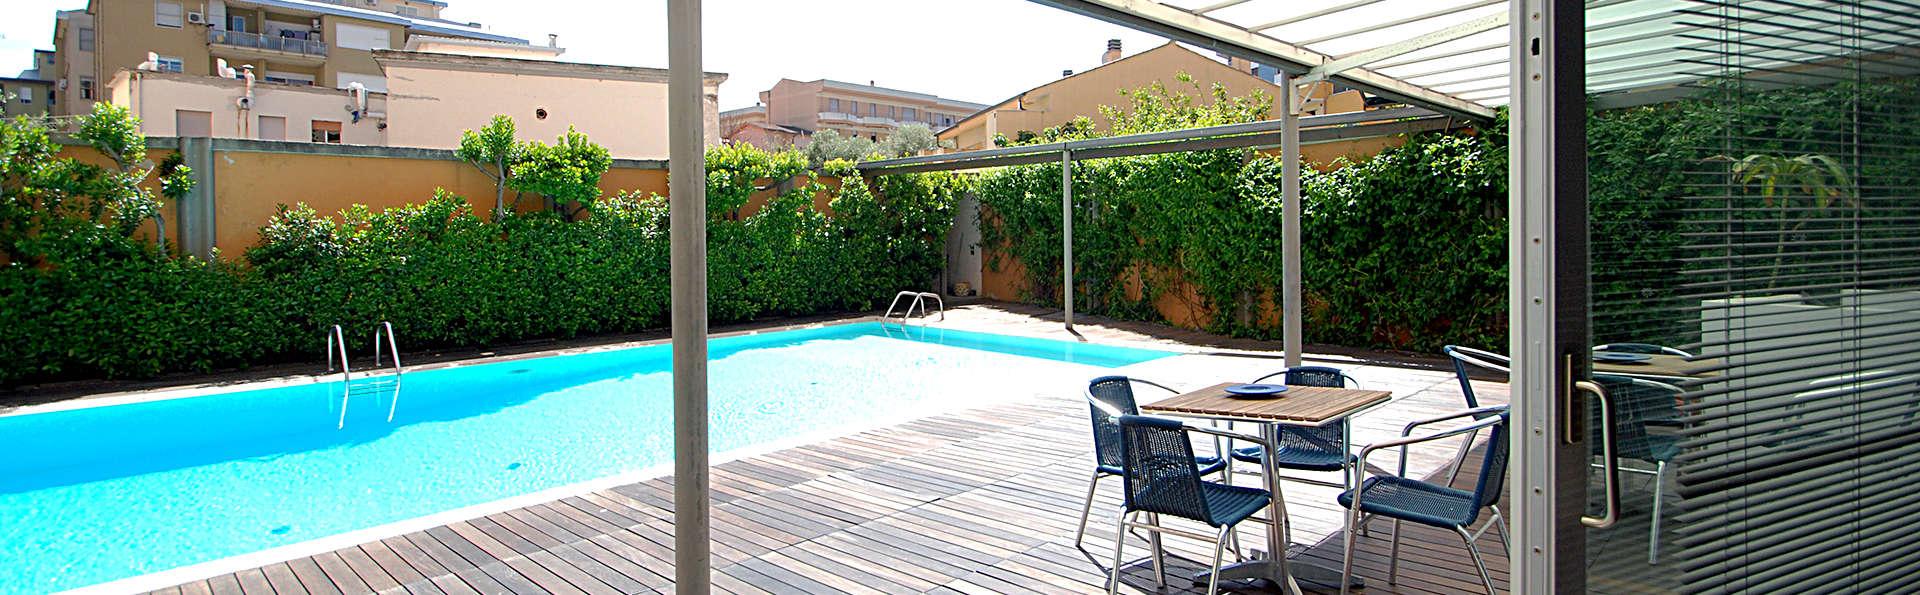 Hotel Mistral 2 - Edit_Pool2.jpg